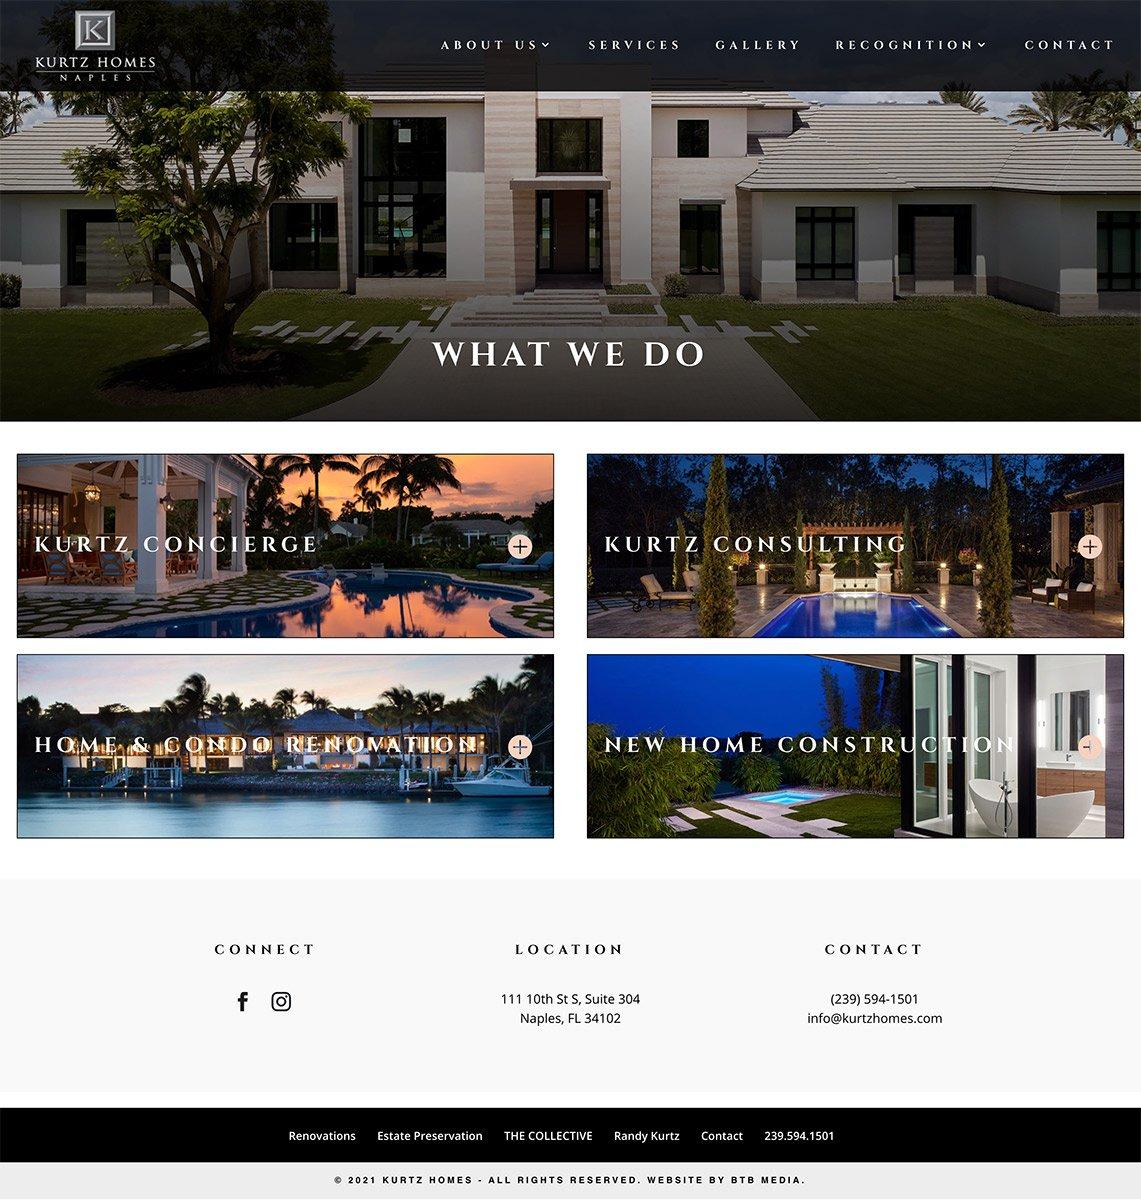 kurtz homes website design services page